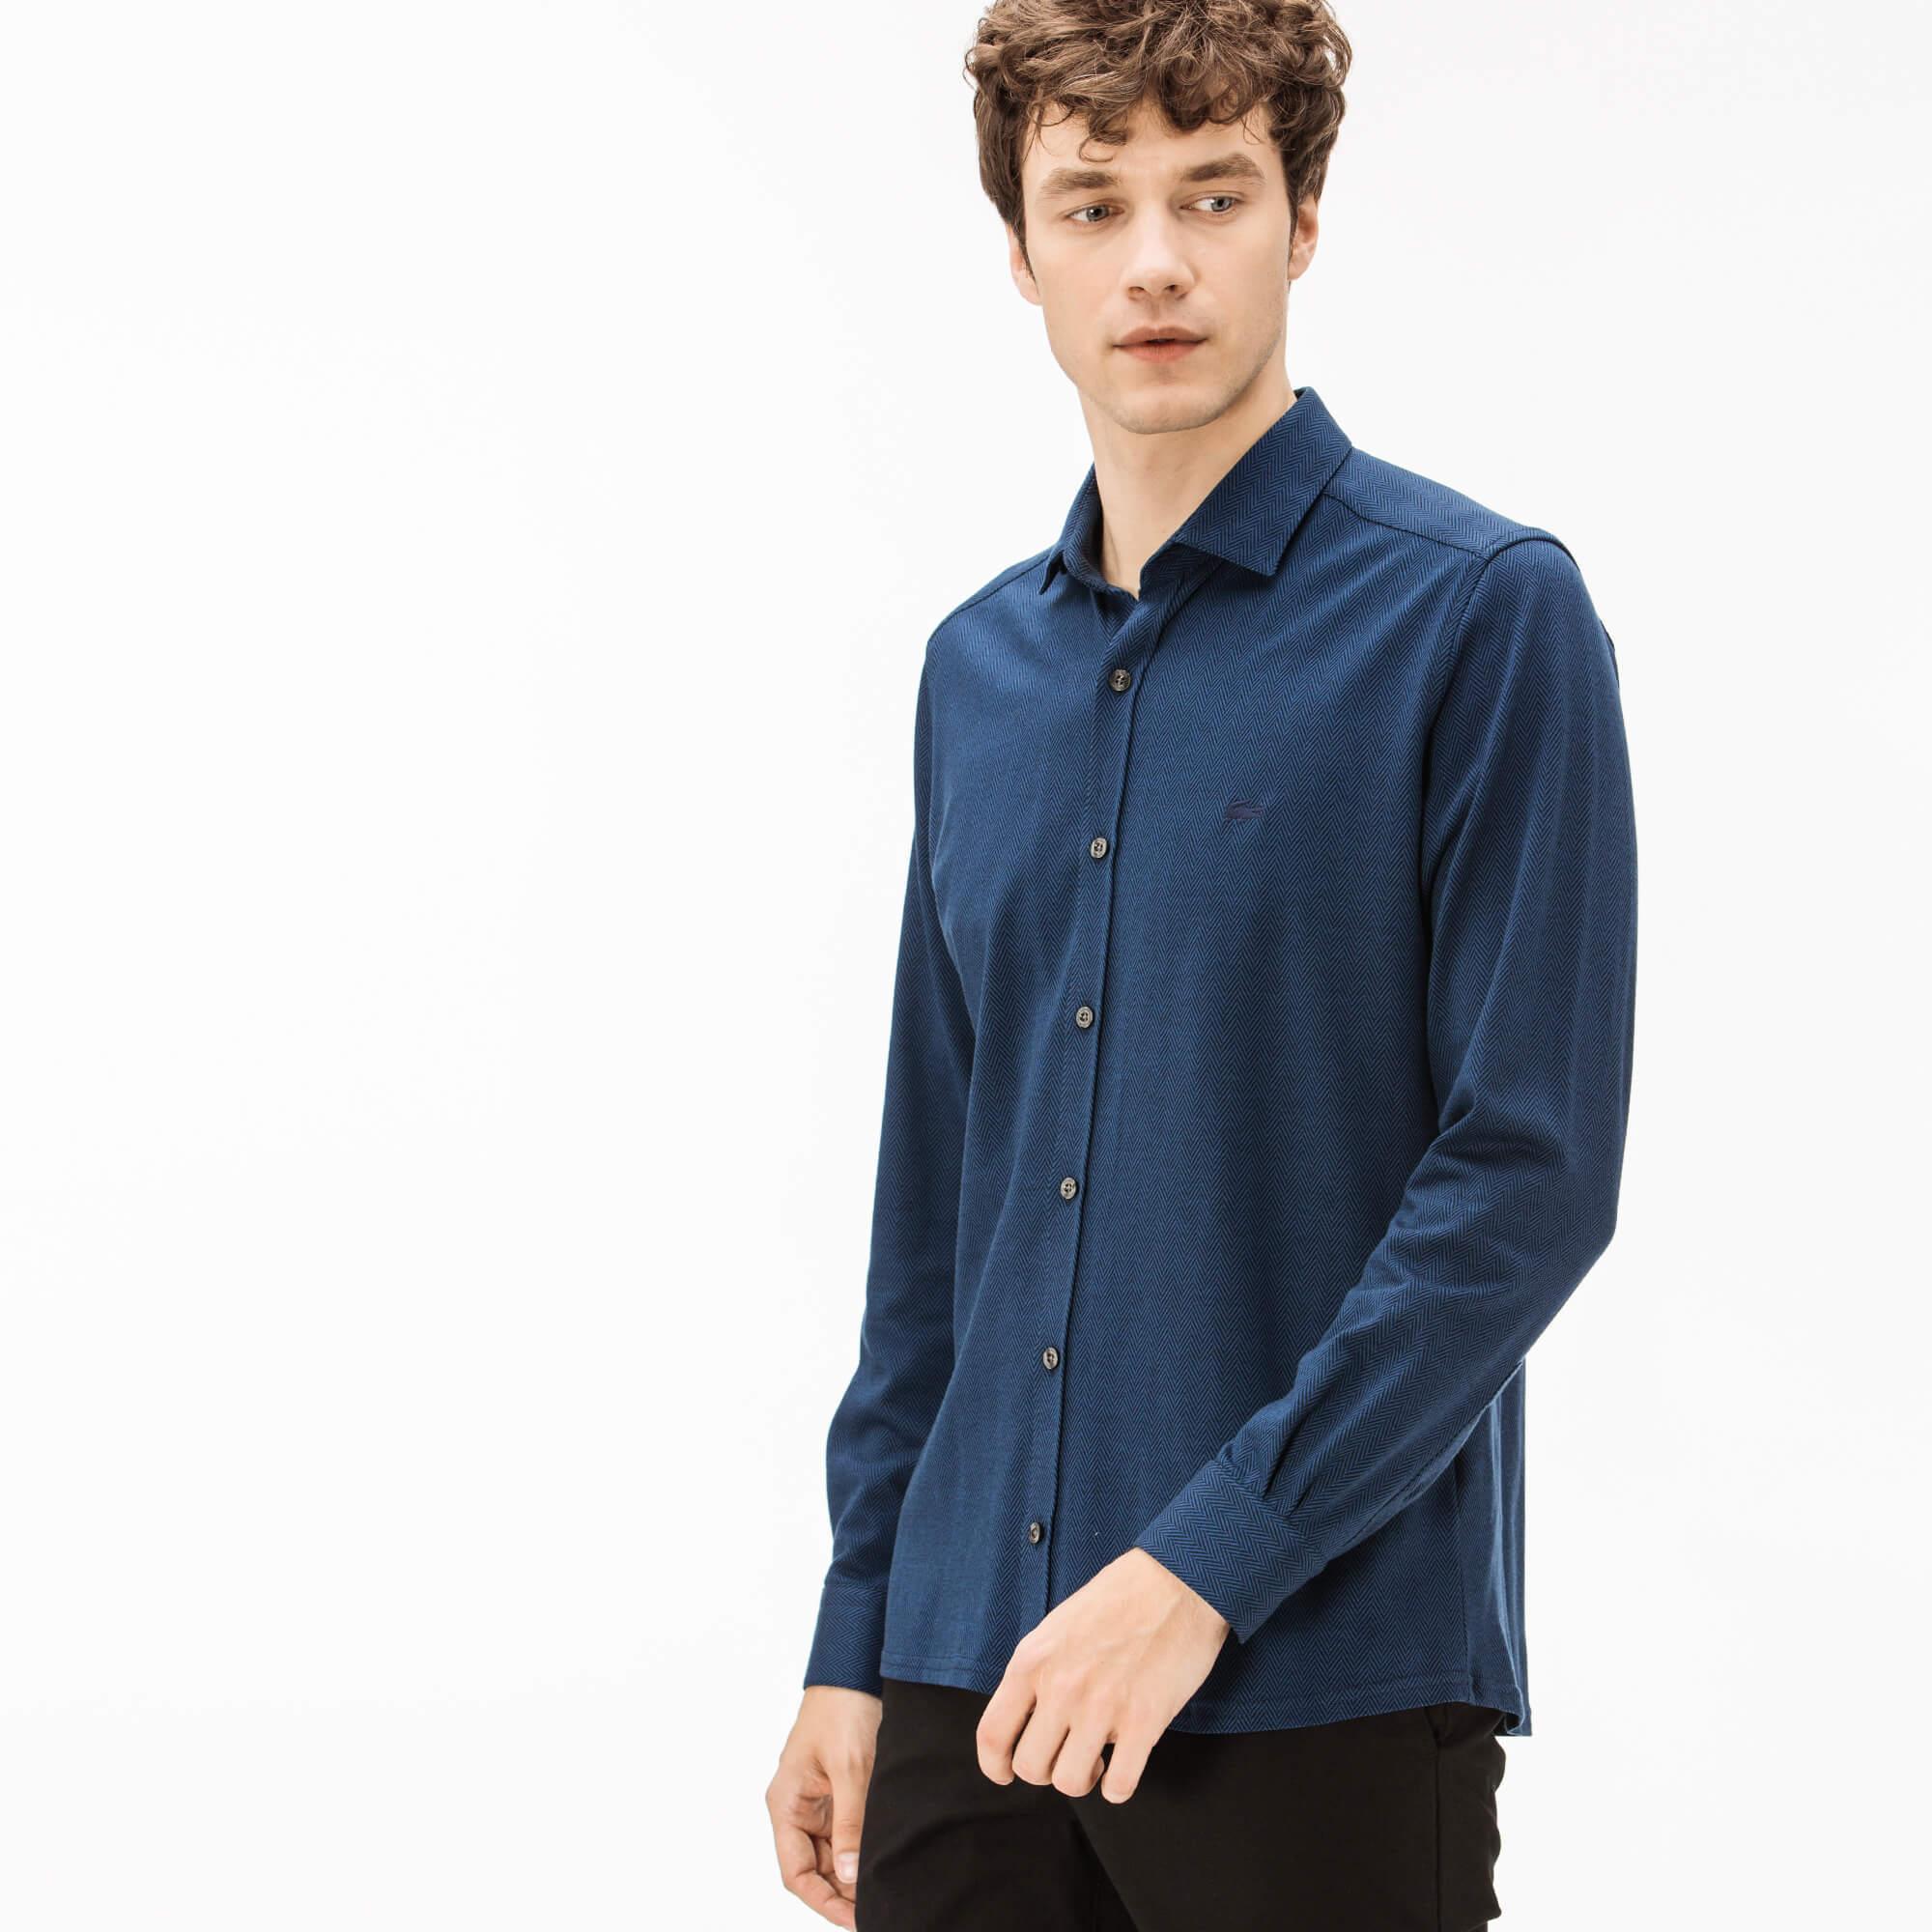 Фото 3 - Мужскую рубашку Lacoste темно-синего цвета